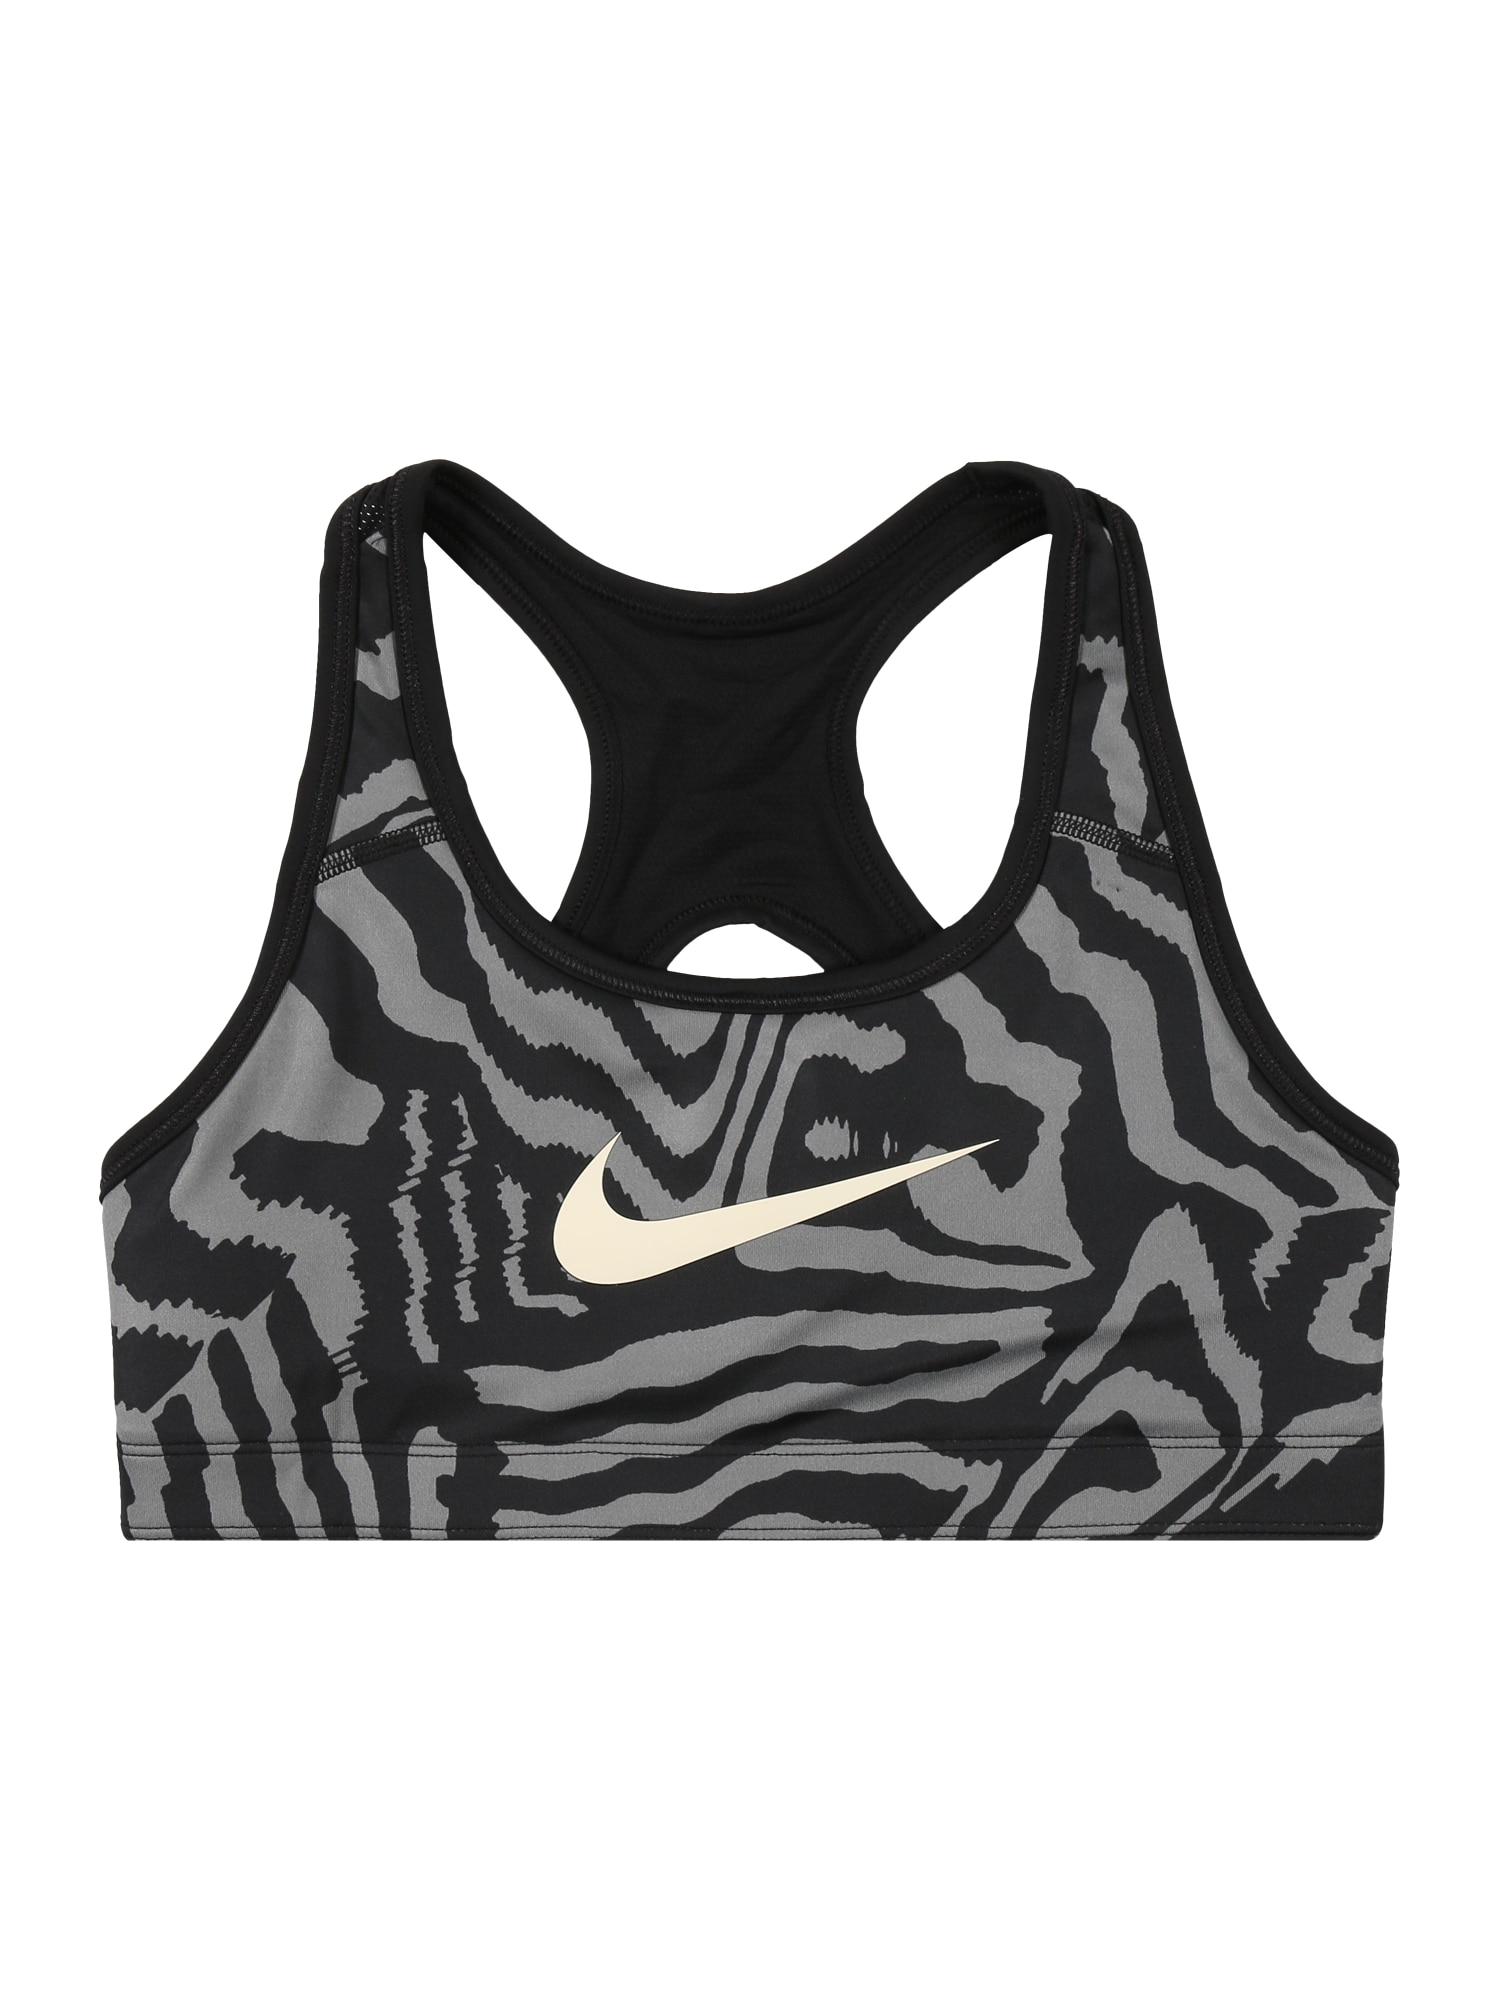 NIKE Sportinio stiliaus apatiniai drabužiai pilka / juoda / balta